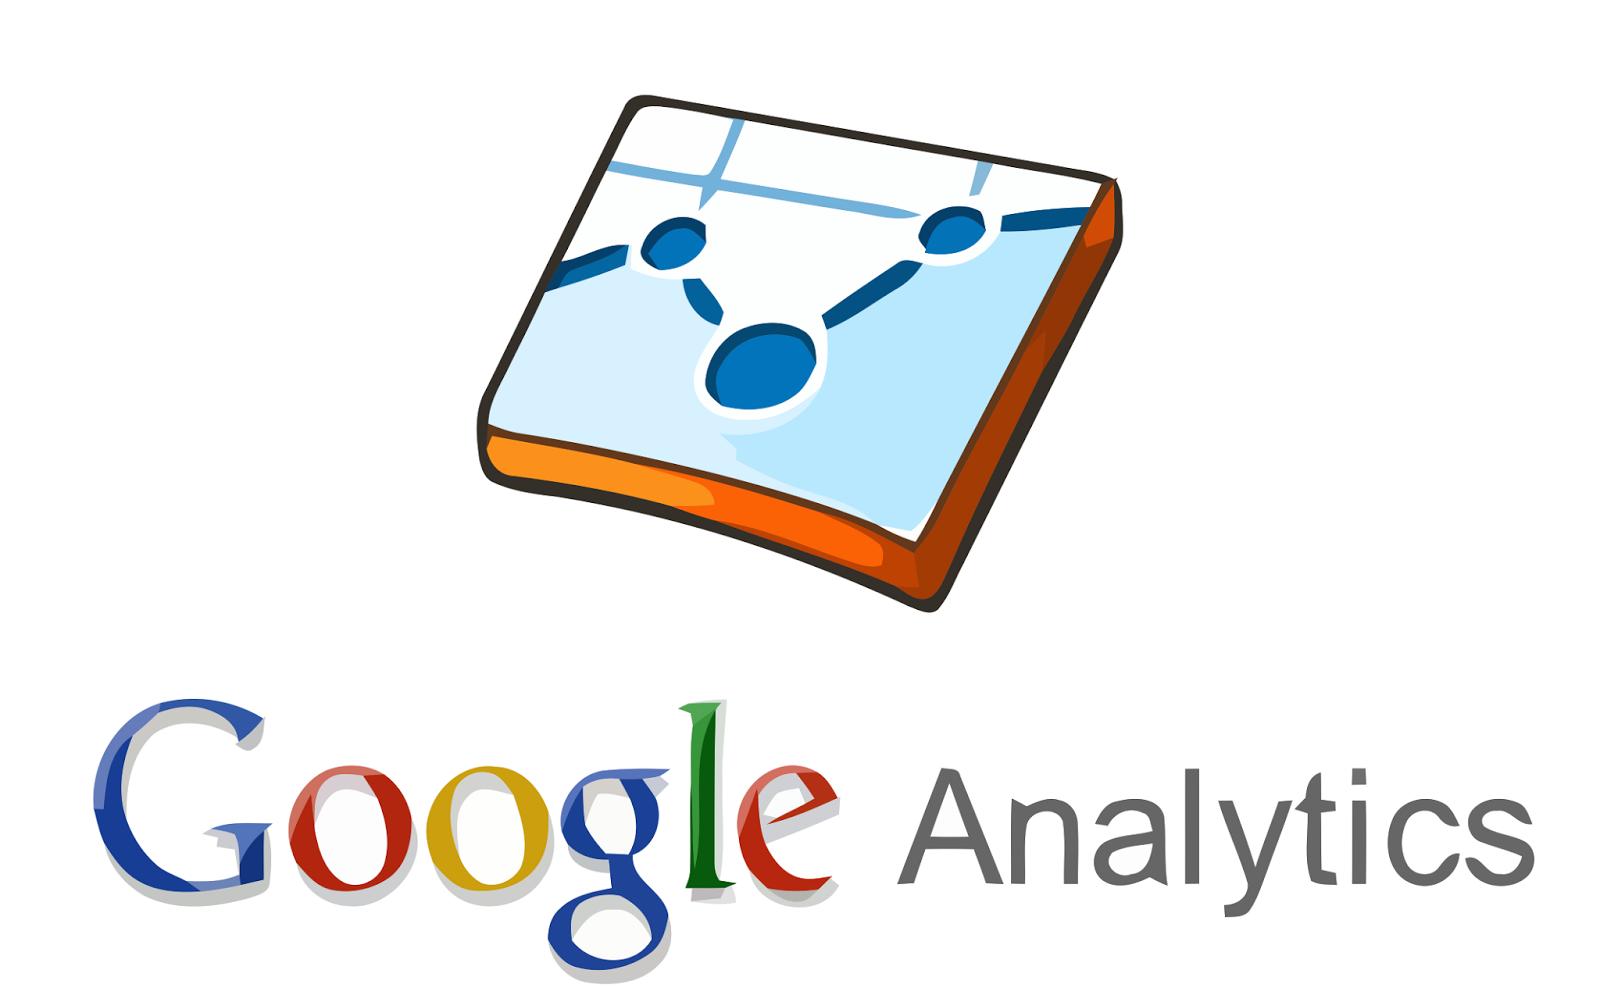 شرح لكيفية تركيب Google Analytics على مدونات البلوجر و الووردبريس Google-Analytics